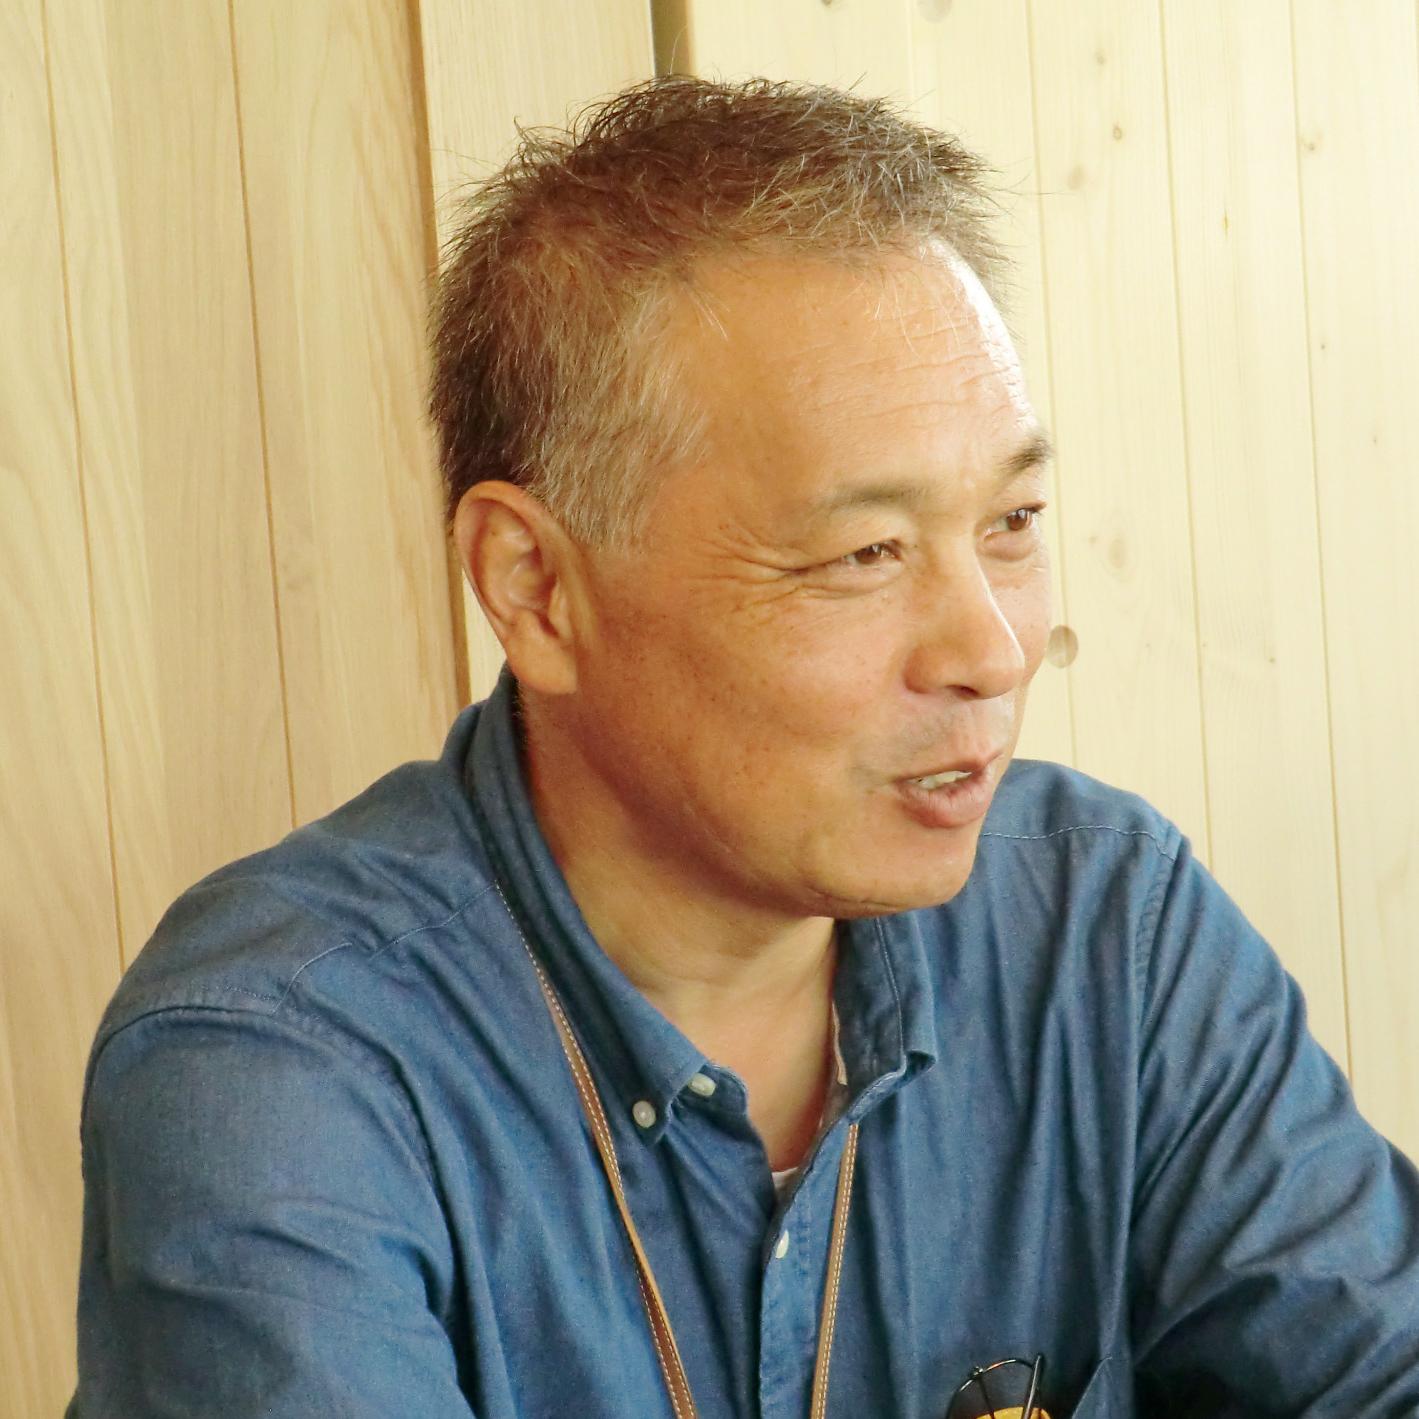 mitamura photo